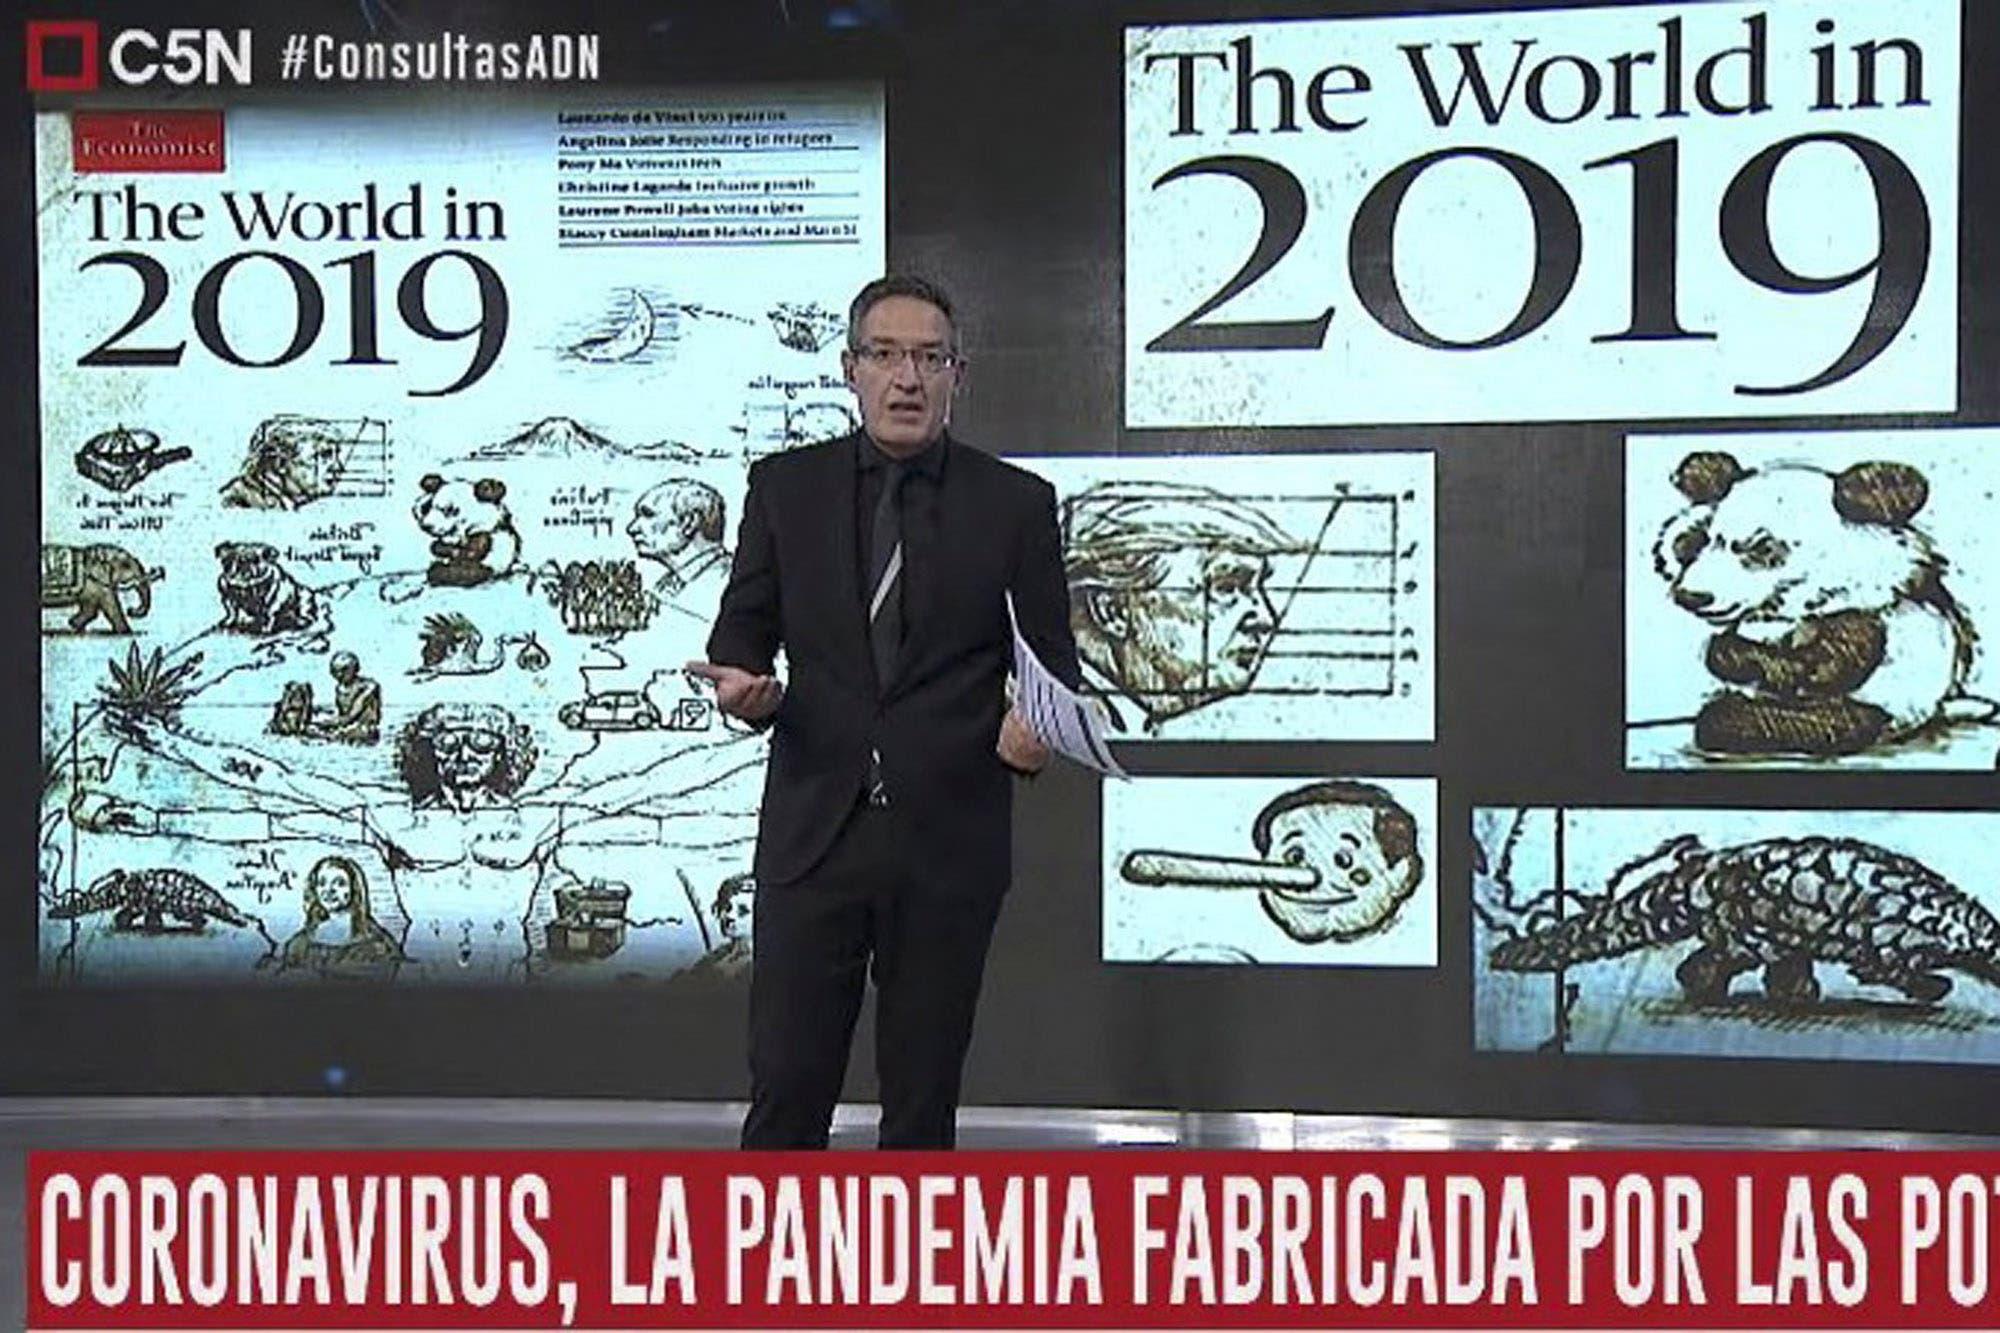 Quién es Tomás Méndez, el periodista que difundió un disparatado informe sobre el origen del coronavirus